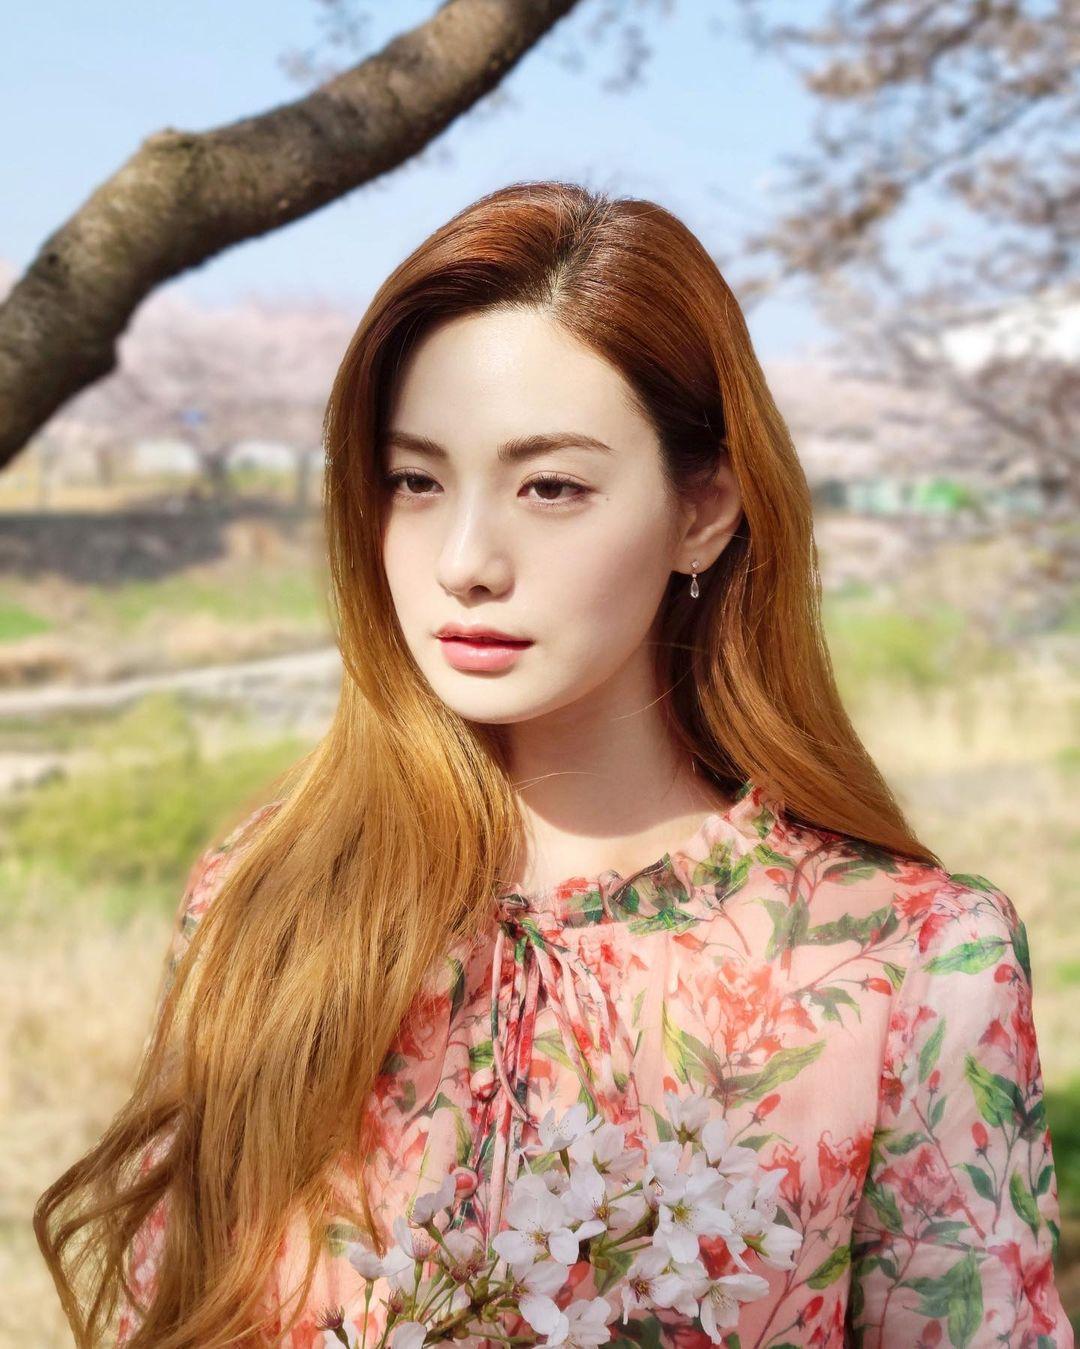 4 màu tóc nhuộm đang hot rần rần trong phim Hàn, chị em áp dụng thì độ sang chảnh lên một tầm cao mới - Ảnh 1